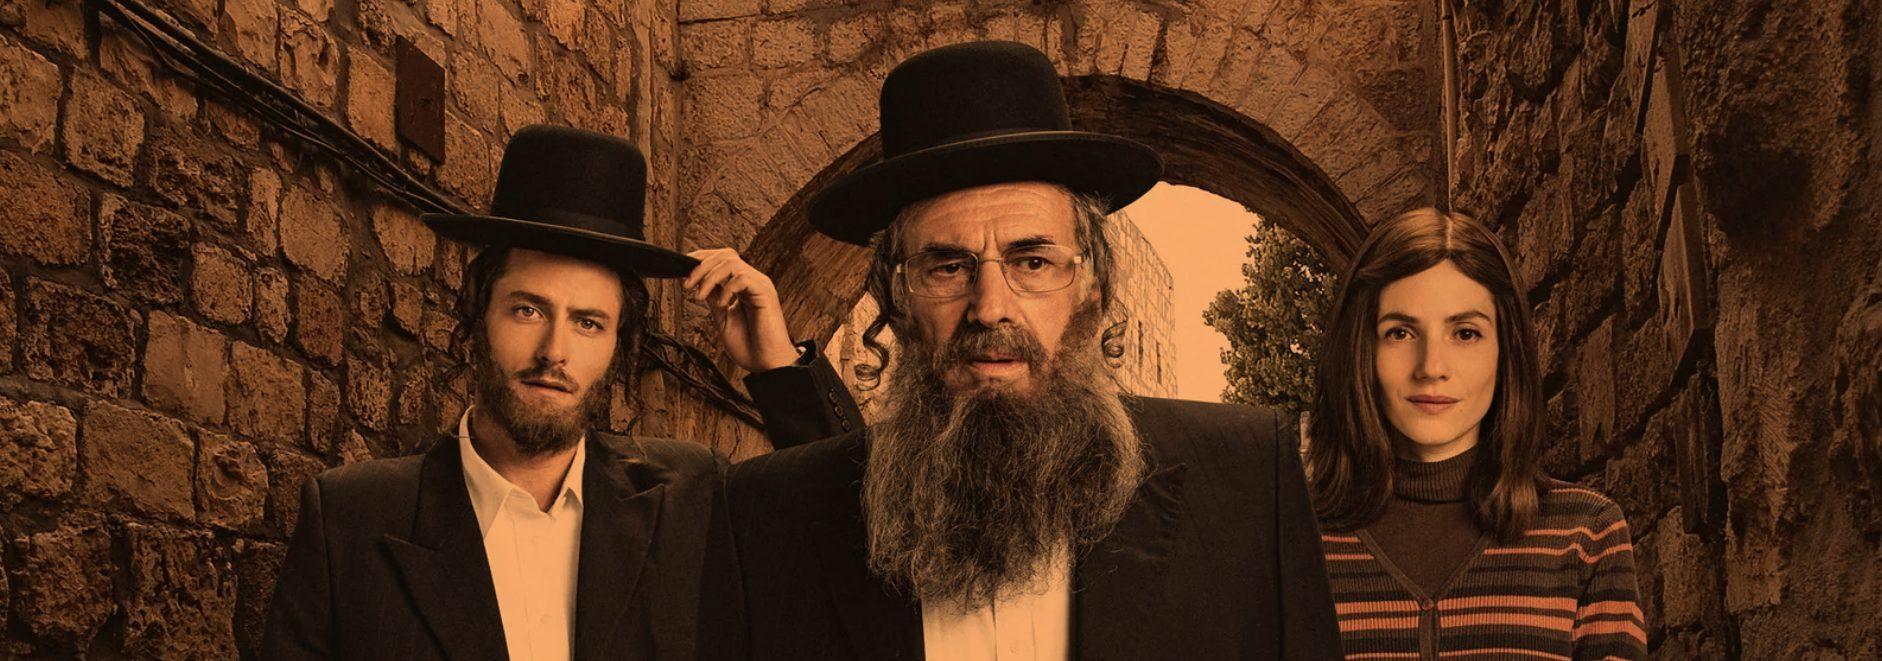 Shtisel – Haszid zsidók között játszódó újabb kitűnő családregény – Ajánló